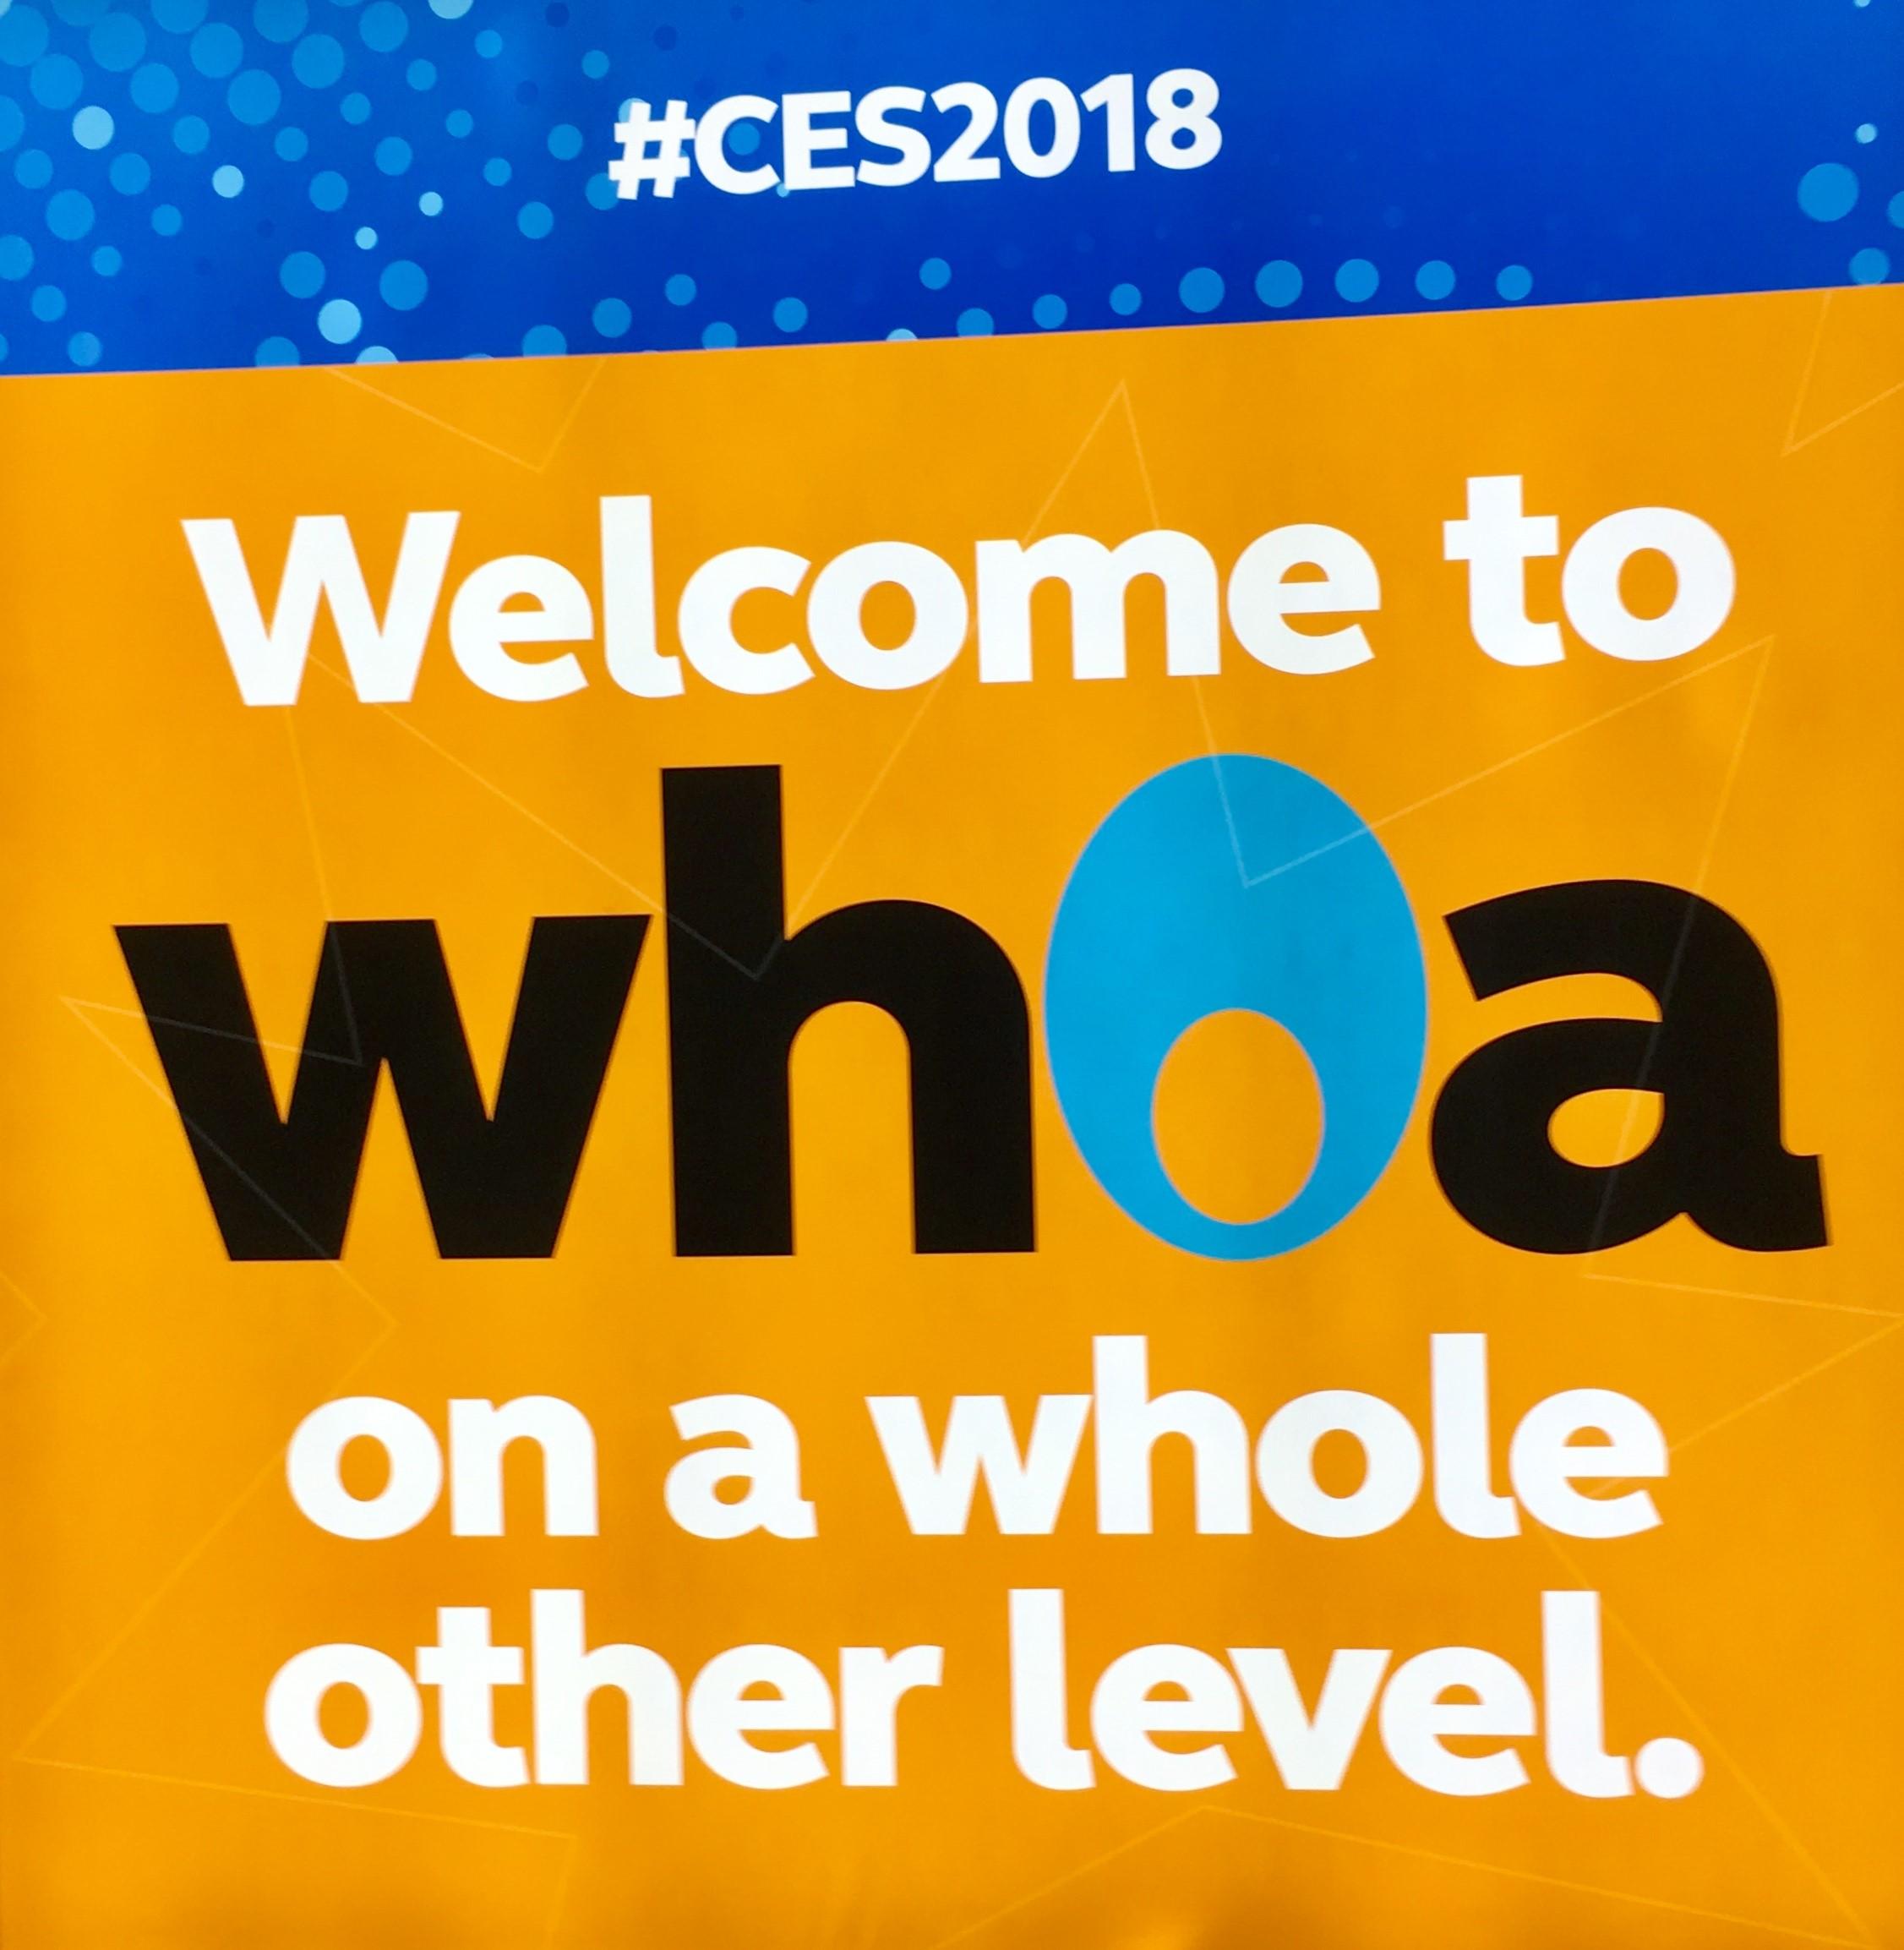 CES 2018 Whoa Sign